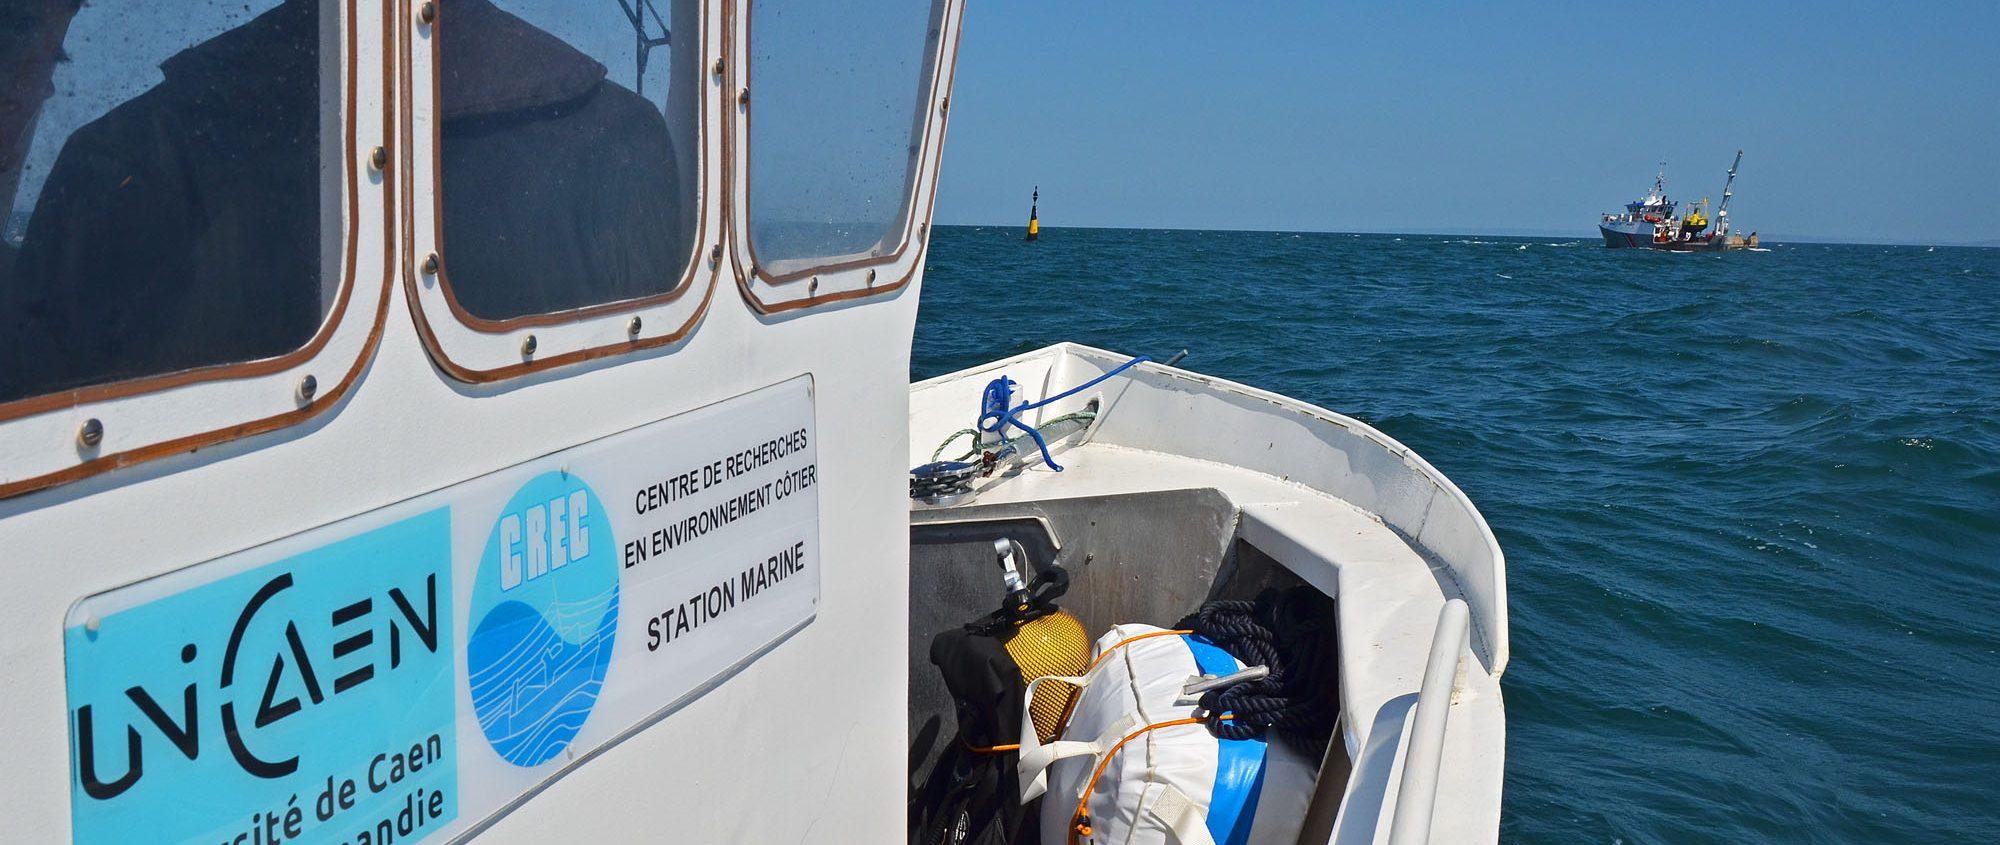 Centre de recherches en environnement côtier · CREC